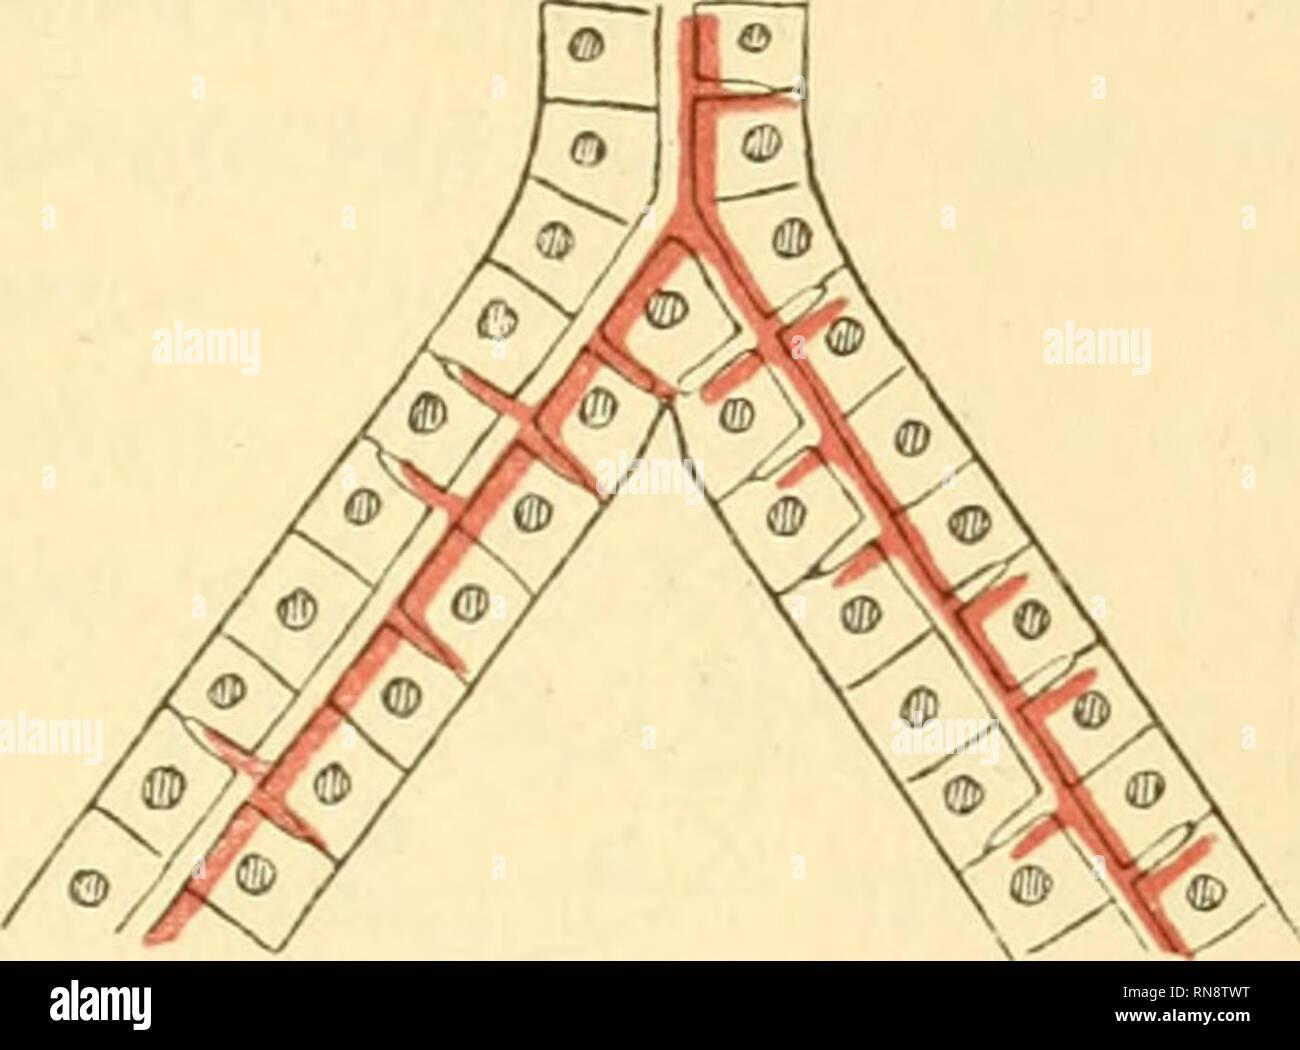 """. Anatomische Hefte. Untersuchungen über den Bau der LoIkt l)ei niederen Wirbeltieren. 70i und verhältnismässig häufig waren, und solche, die ,,spontan"""" im Verlauf eines Tubulus auftraten (Fig. 4). — Von der ersten Form gibt es unicelluläre, ja, ein einzelnes Mal sah ich zwei derartige zusammenhängende Maschen, und pluricelluläre. Die letzteren umschlossen von 2—6 Zellen. Diese Form lässt sich nur auf die im nachstehenden Schema angedeutete Weise ent- standen denken, dass sich nämlich zwei (oder mehrere) Tubuli aneinander gelegt haben und das' trennende Gefäss sich zurück- gezogen hat. Ei Stock Photo"""